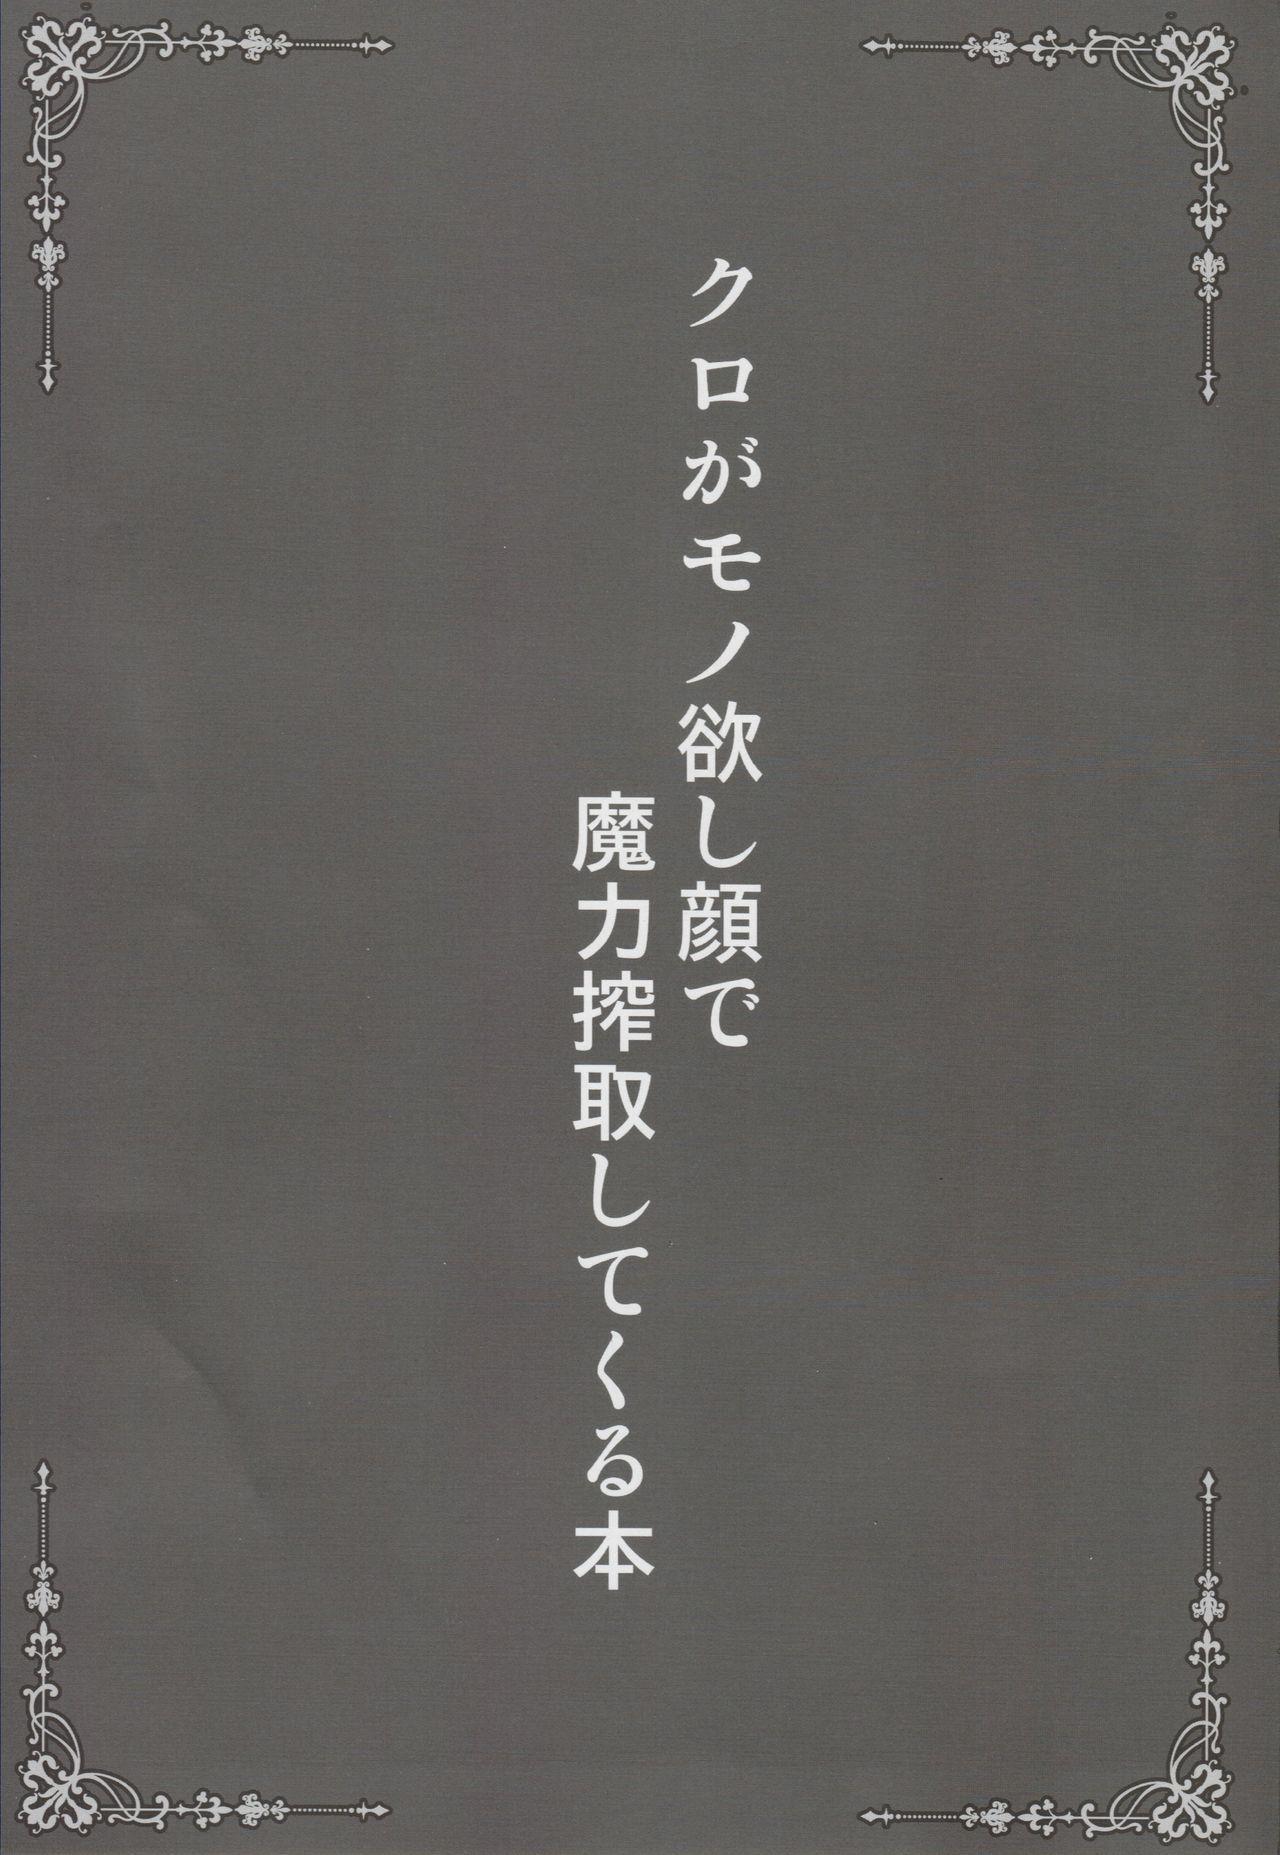 Kuro ga Monohoshigao de Maryoku Sakushu Shite Kuru Hon 1